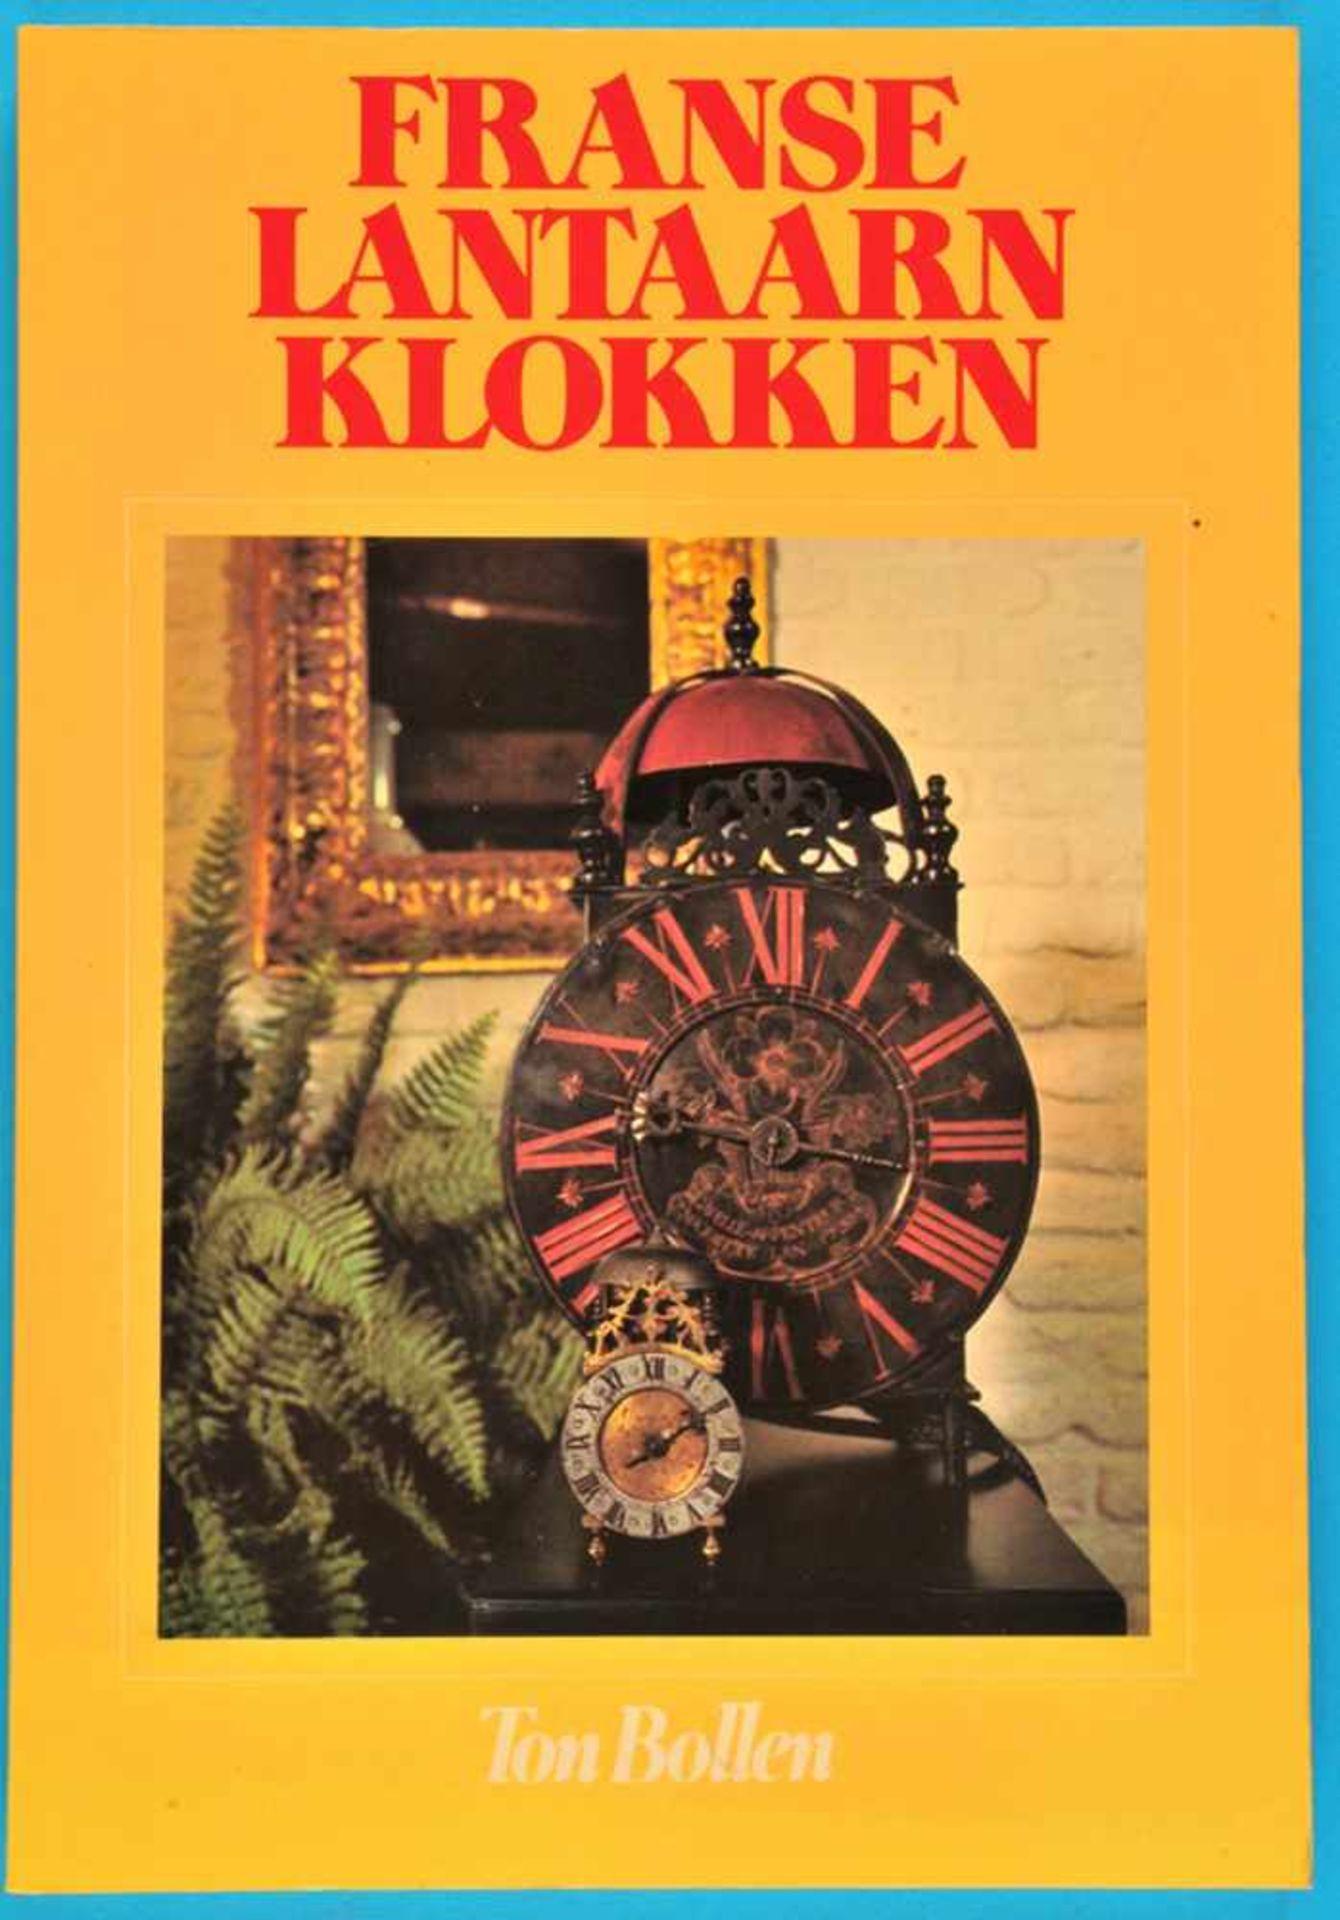 Los 33 - Ton Bollen, Franse Lantaarn Klokken, 1978Ton Bollen, Franse Lantaarn Klokken, 1978, 122 Seiten mit